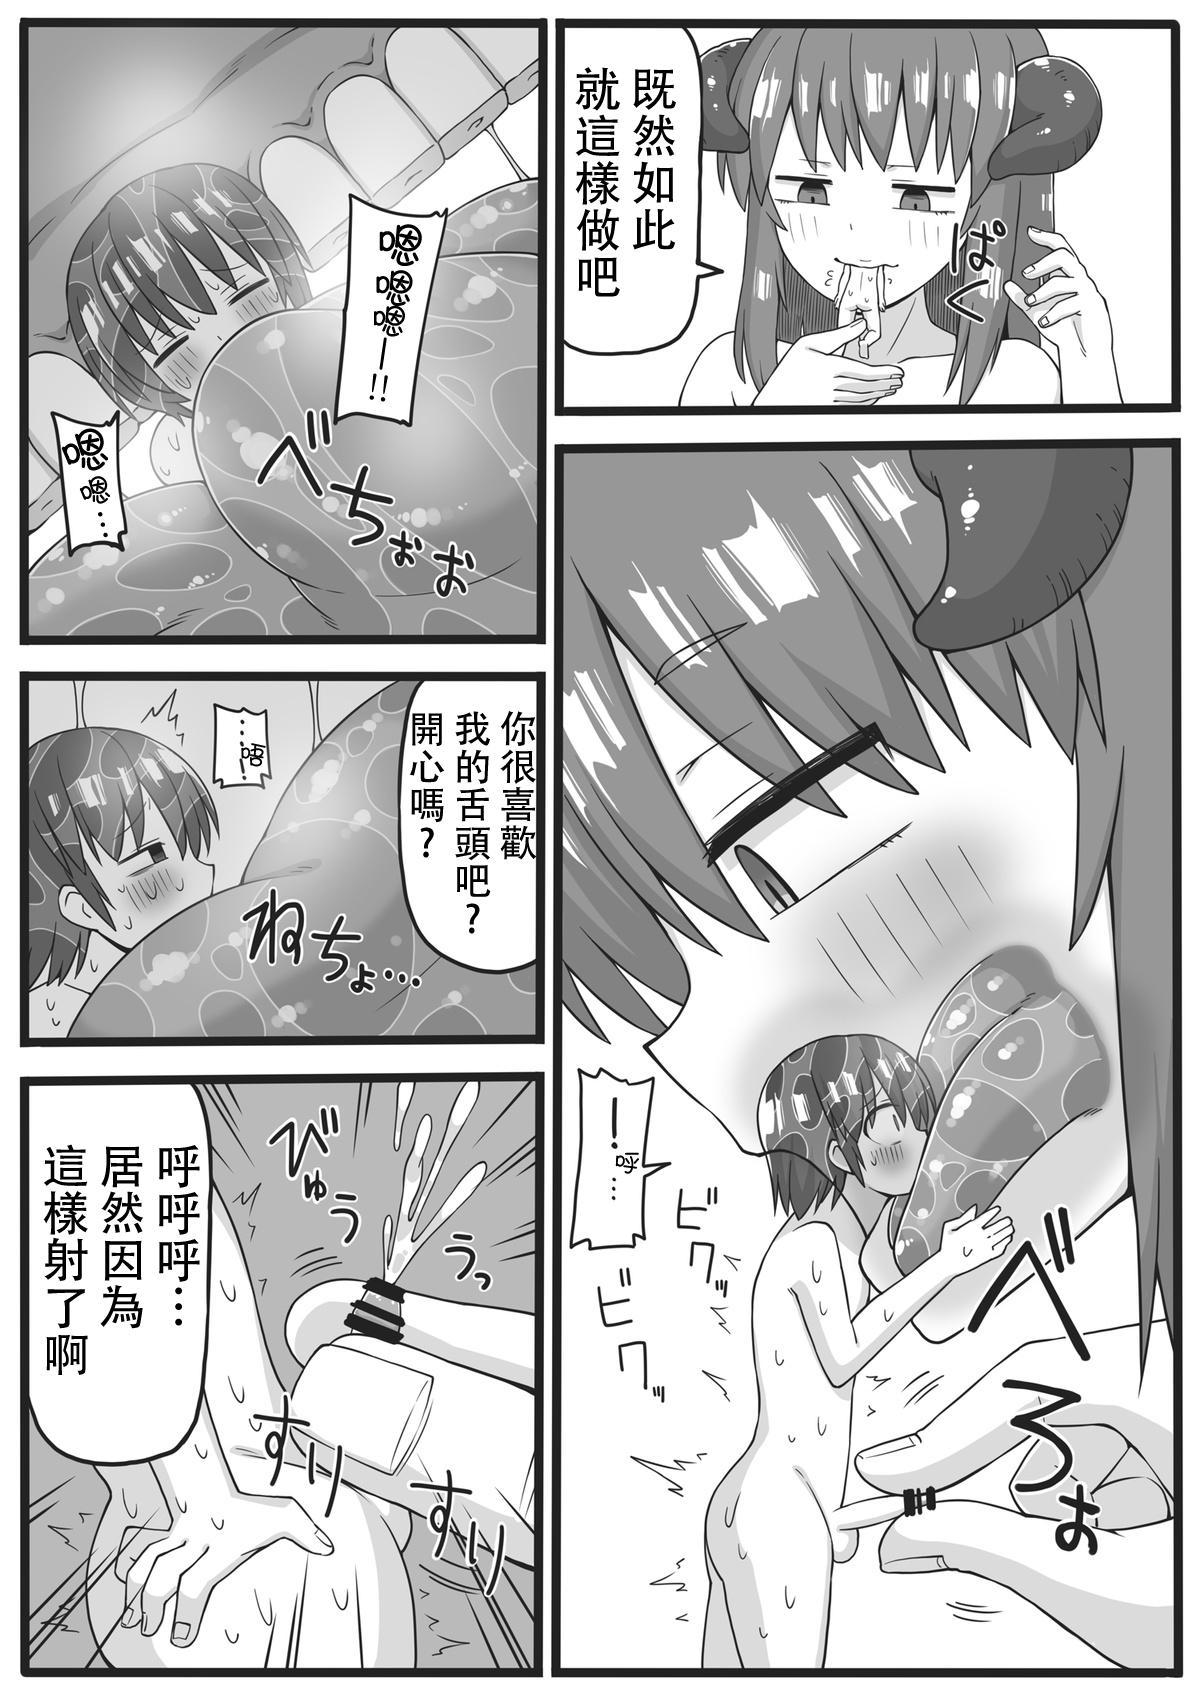 Yuusha ga Chiisaku Ecchi na Koto o Sarete Shimau Manga 7